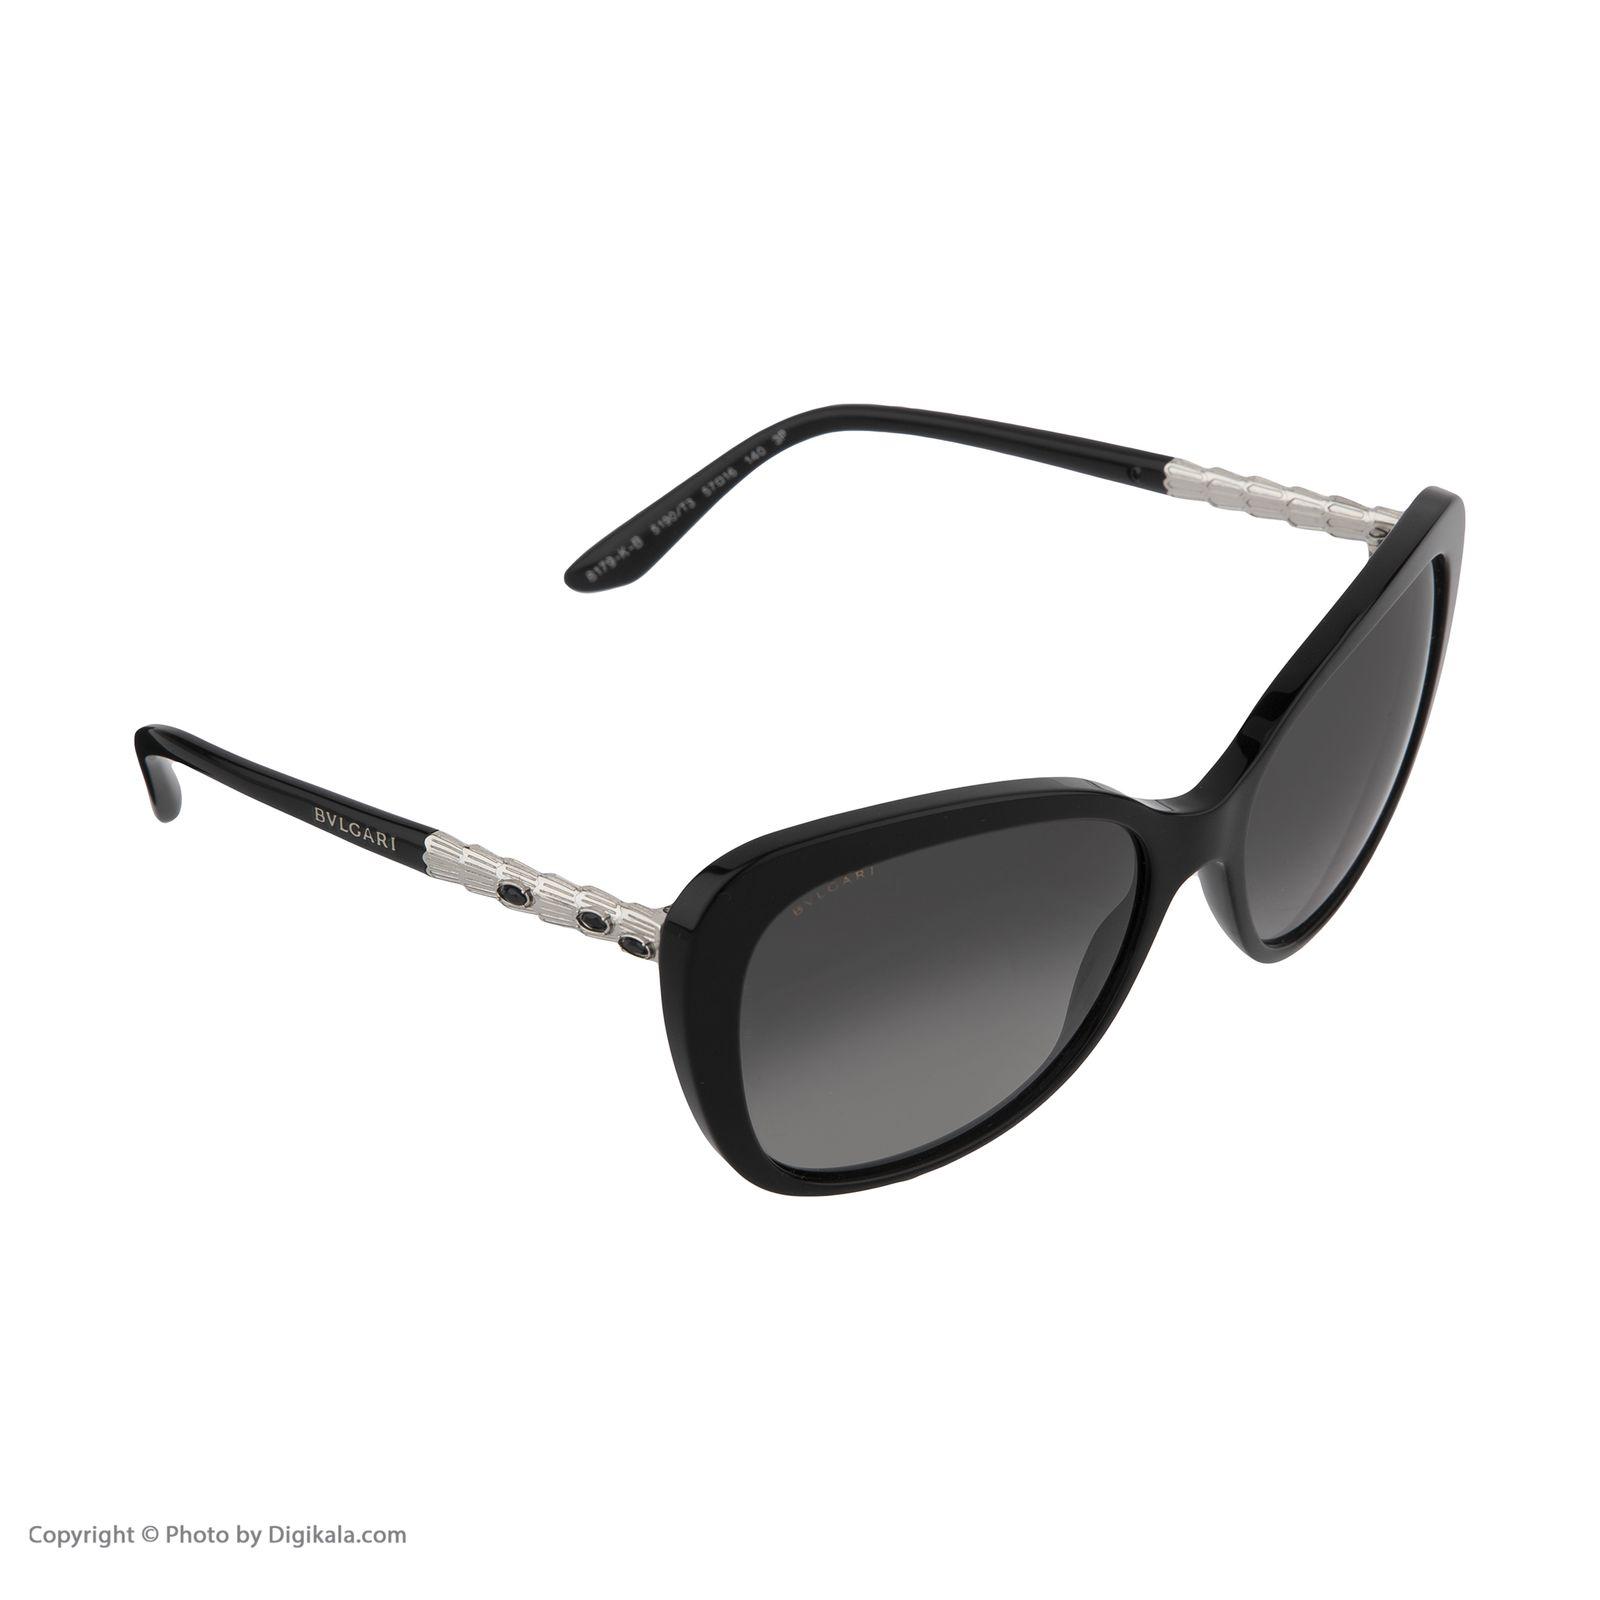 عینک آفتابی زنانه مدل BV8179K 5190T3 -  - 6